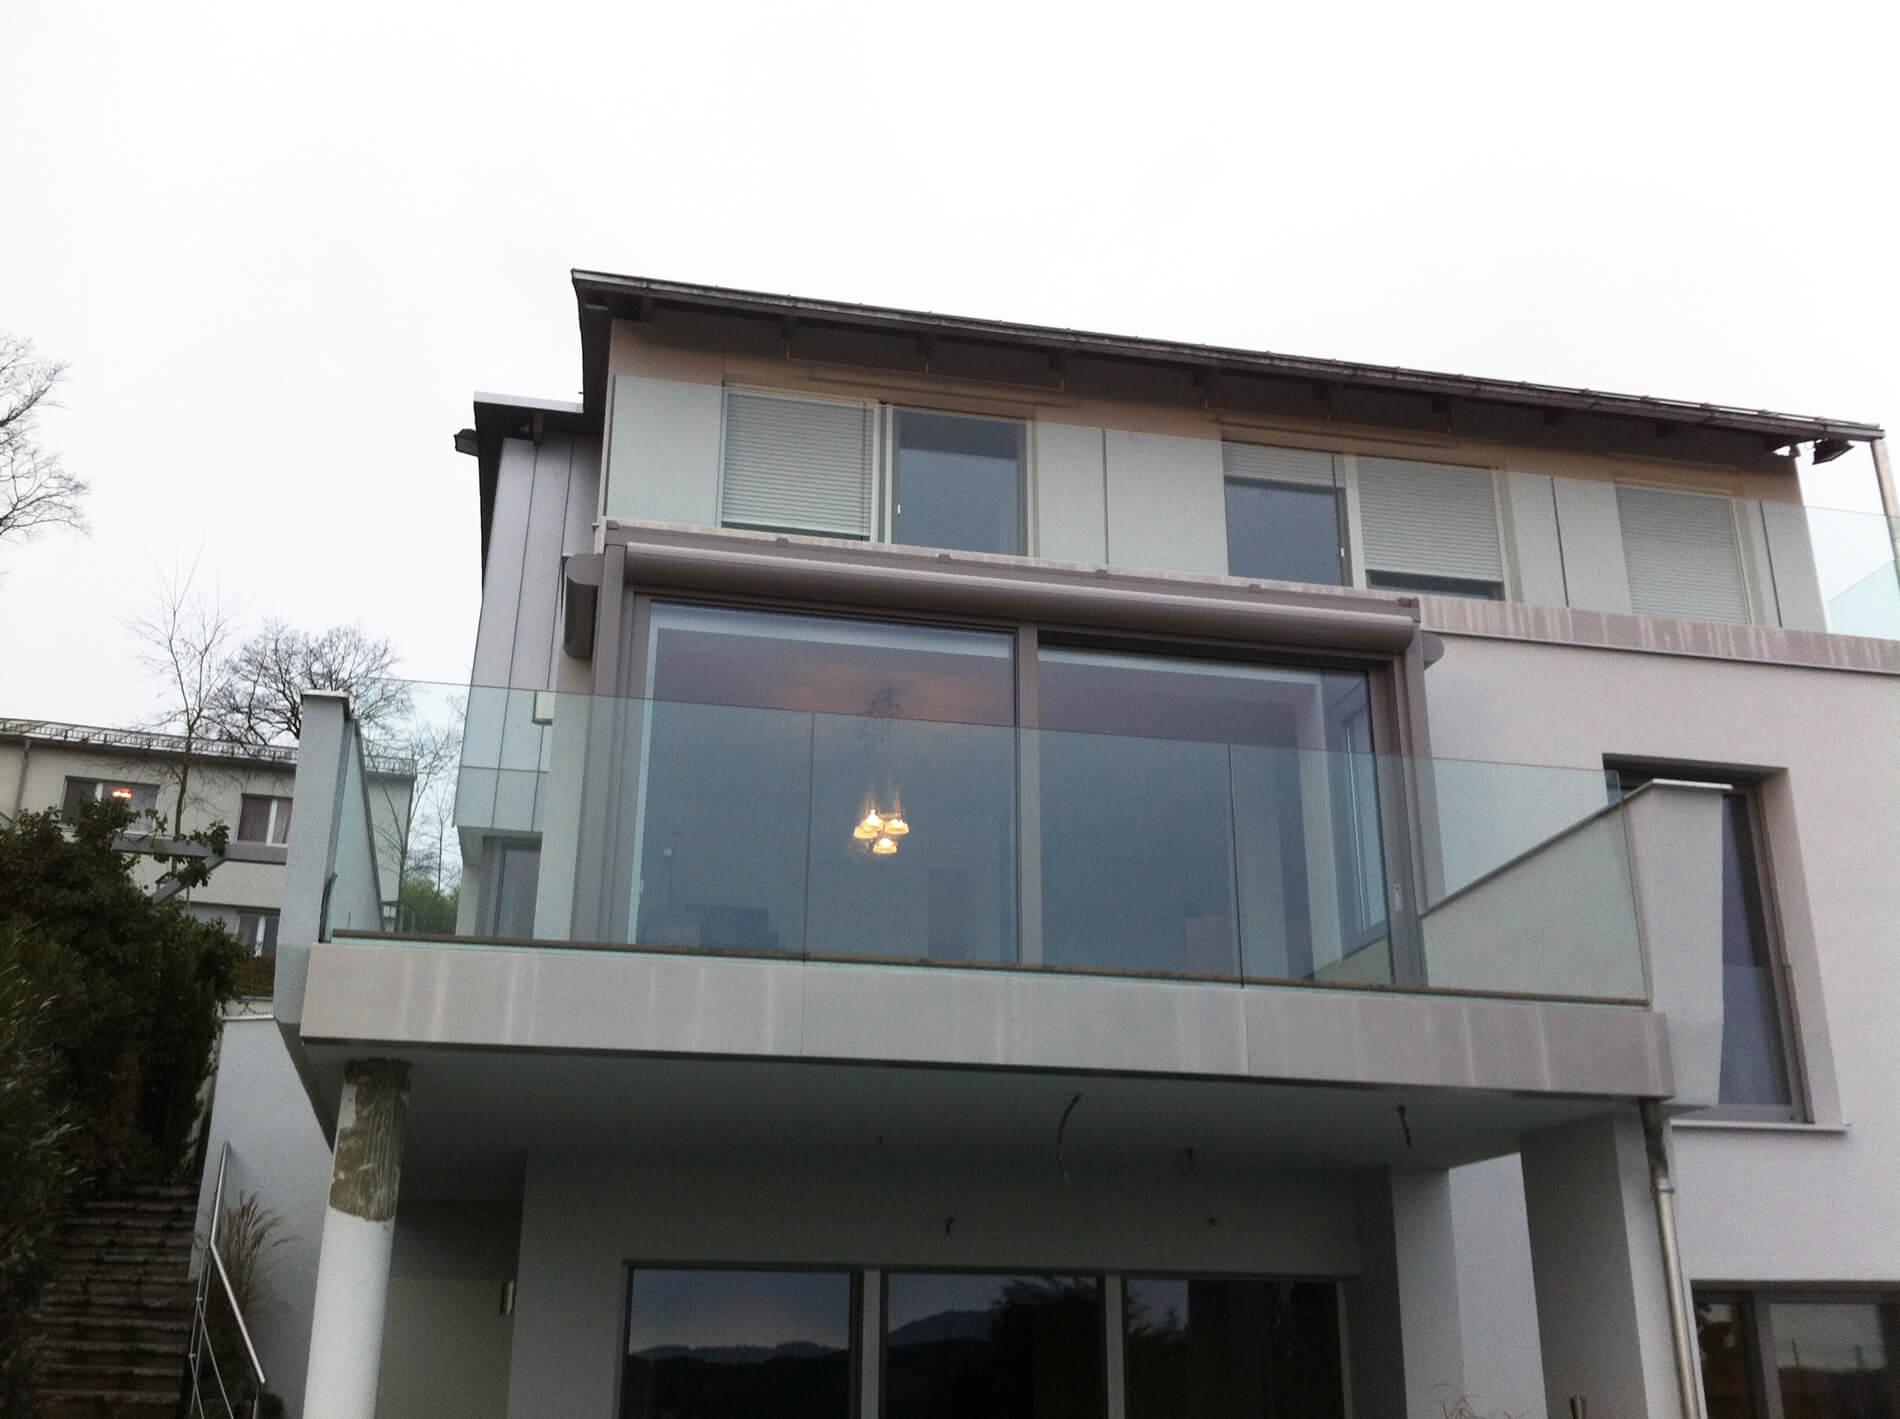 Balkon als Wohnraum nutzen